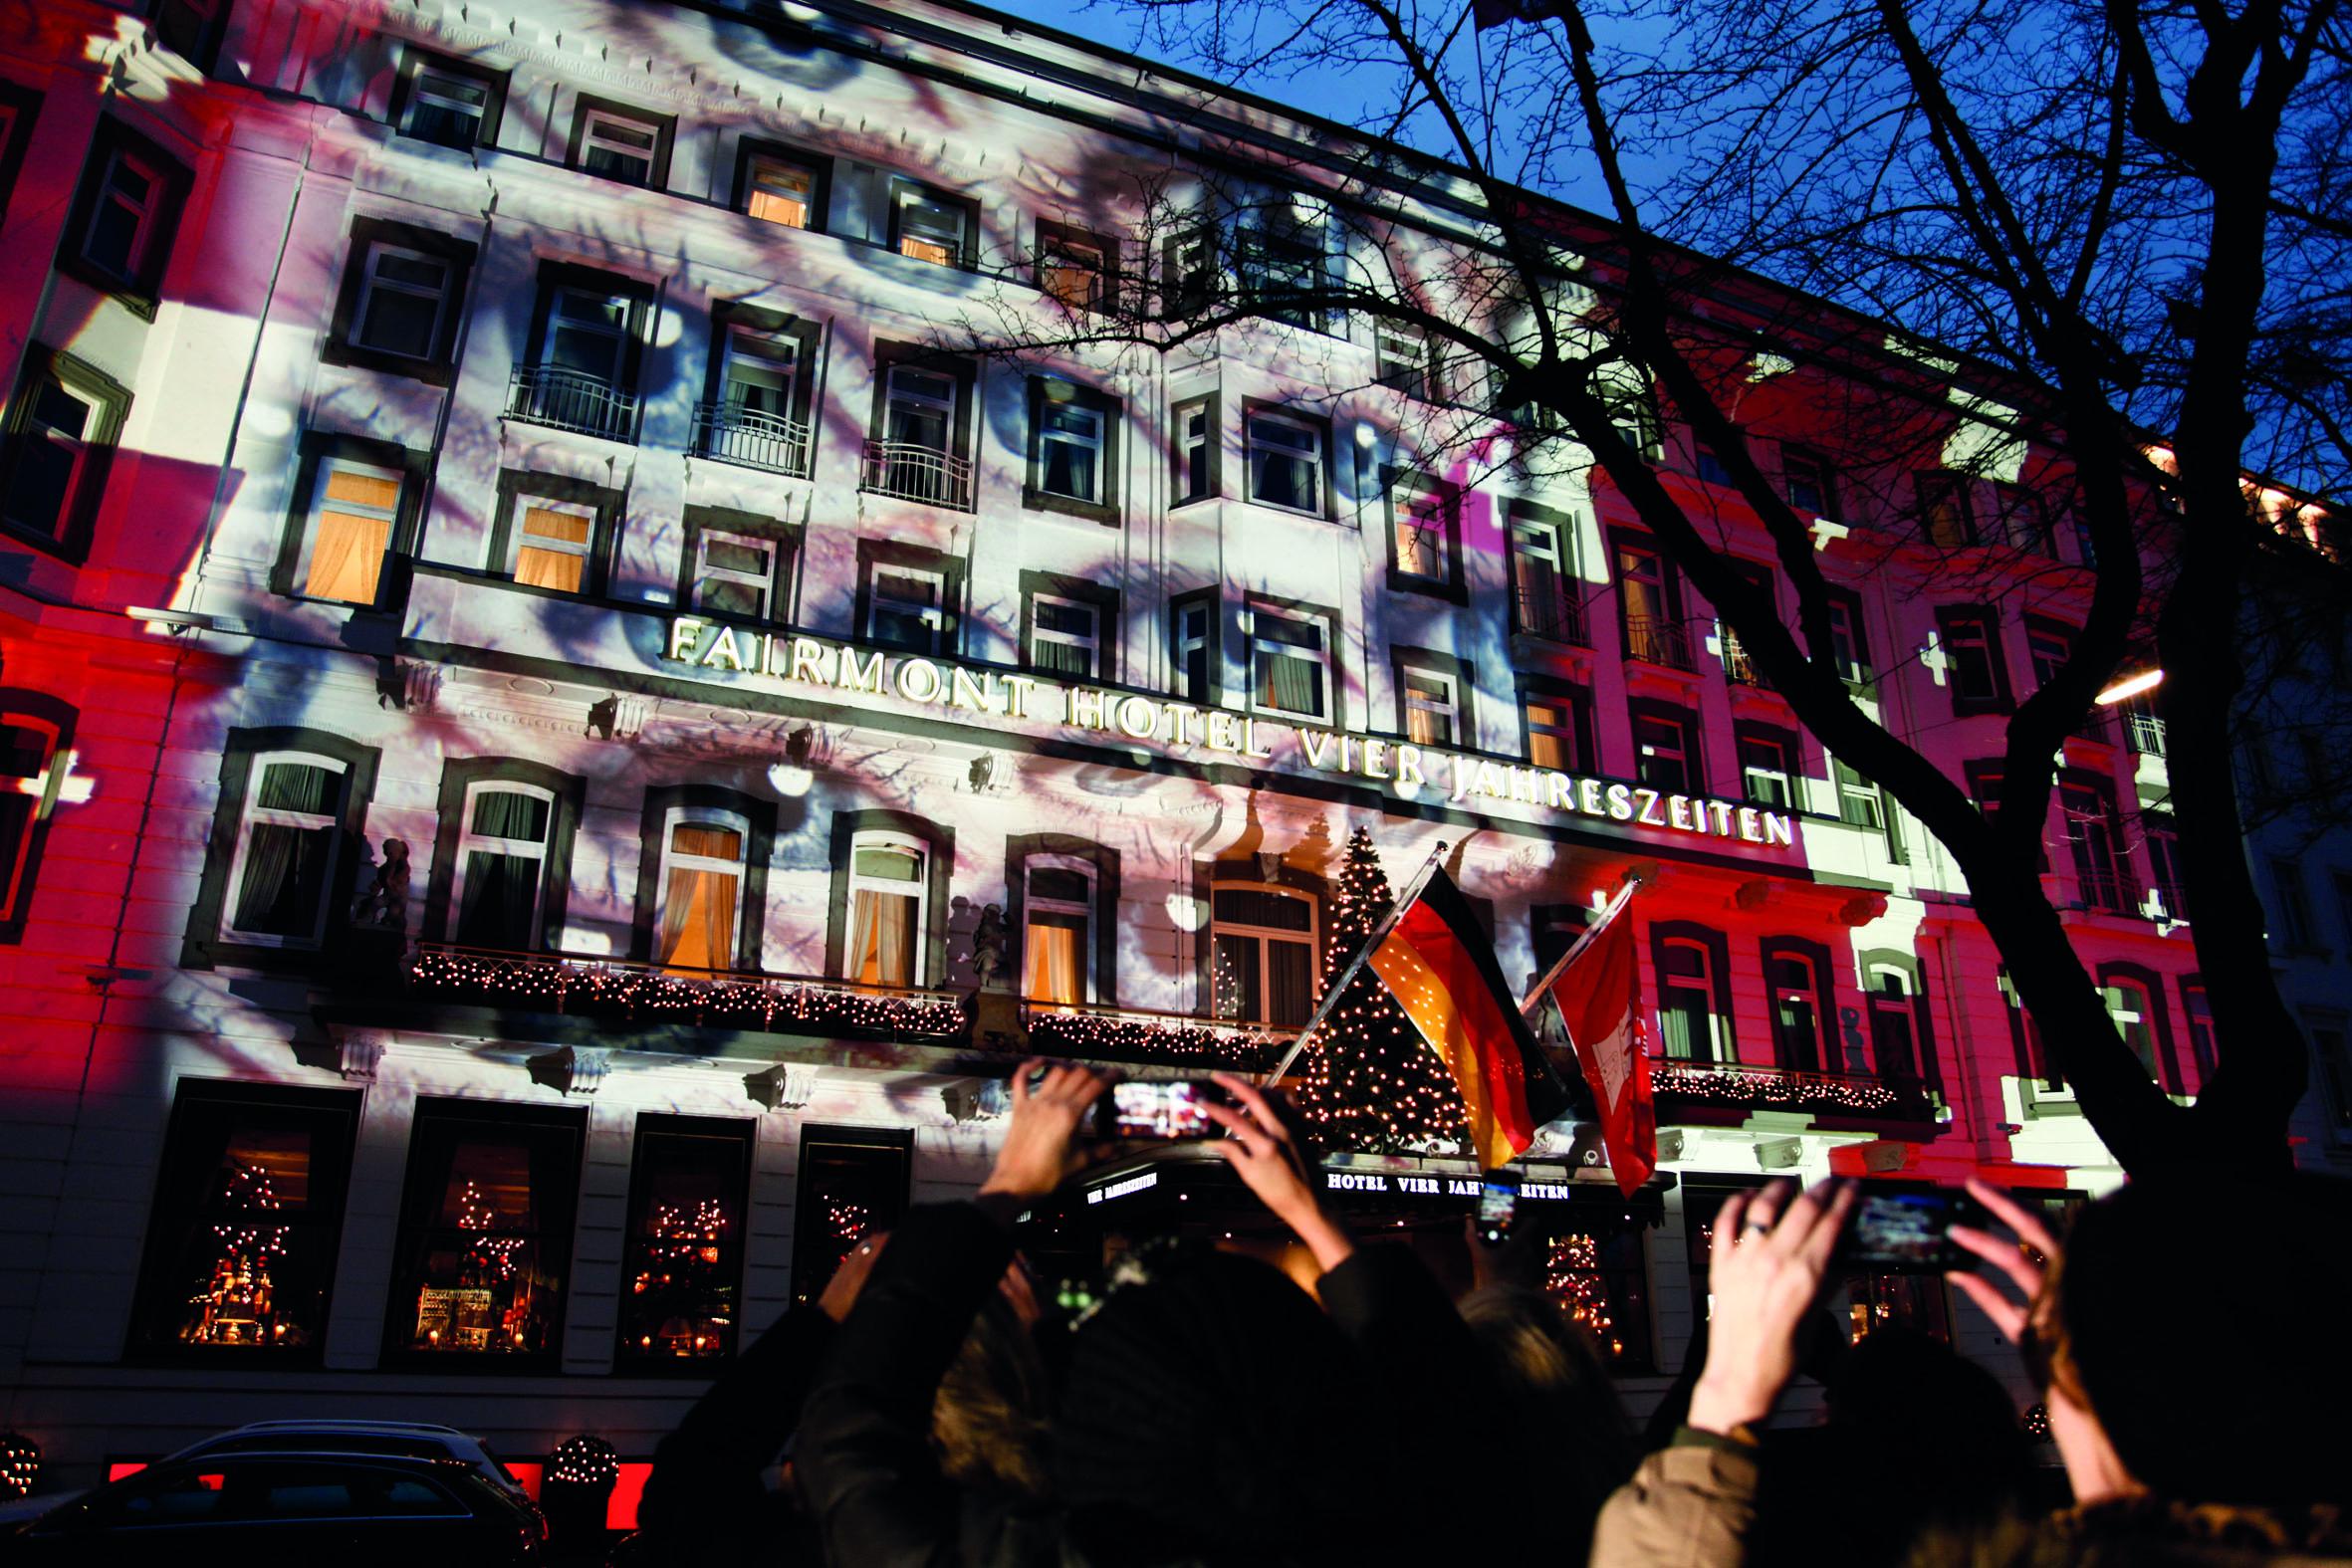 Spekakuläre Lichtinstallation am Fairmont Hotel Vier Jahreszeiten Hamburg - PR-Aktion von Swiss für mehr Achtsamkeit im Umgang miteinandertravelpressFairmont Hotel Vier Jahreszeiten Hamburg